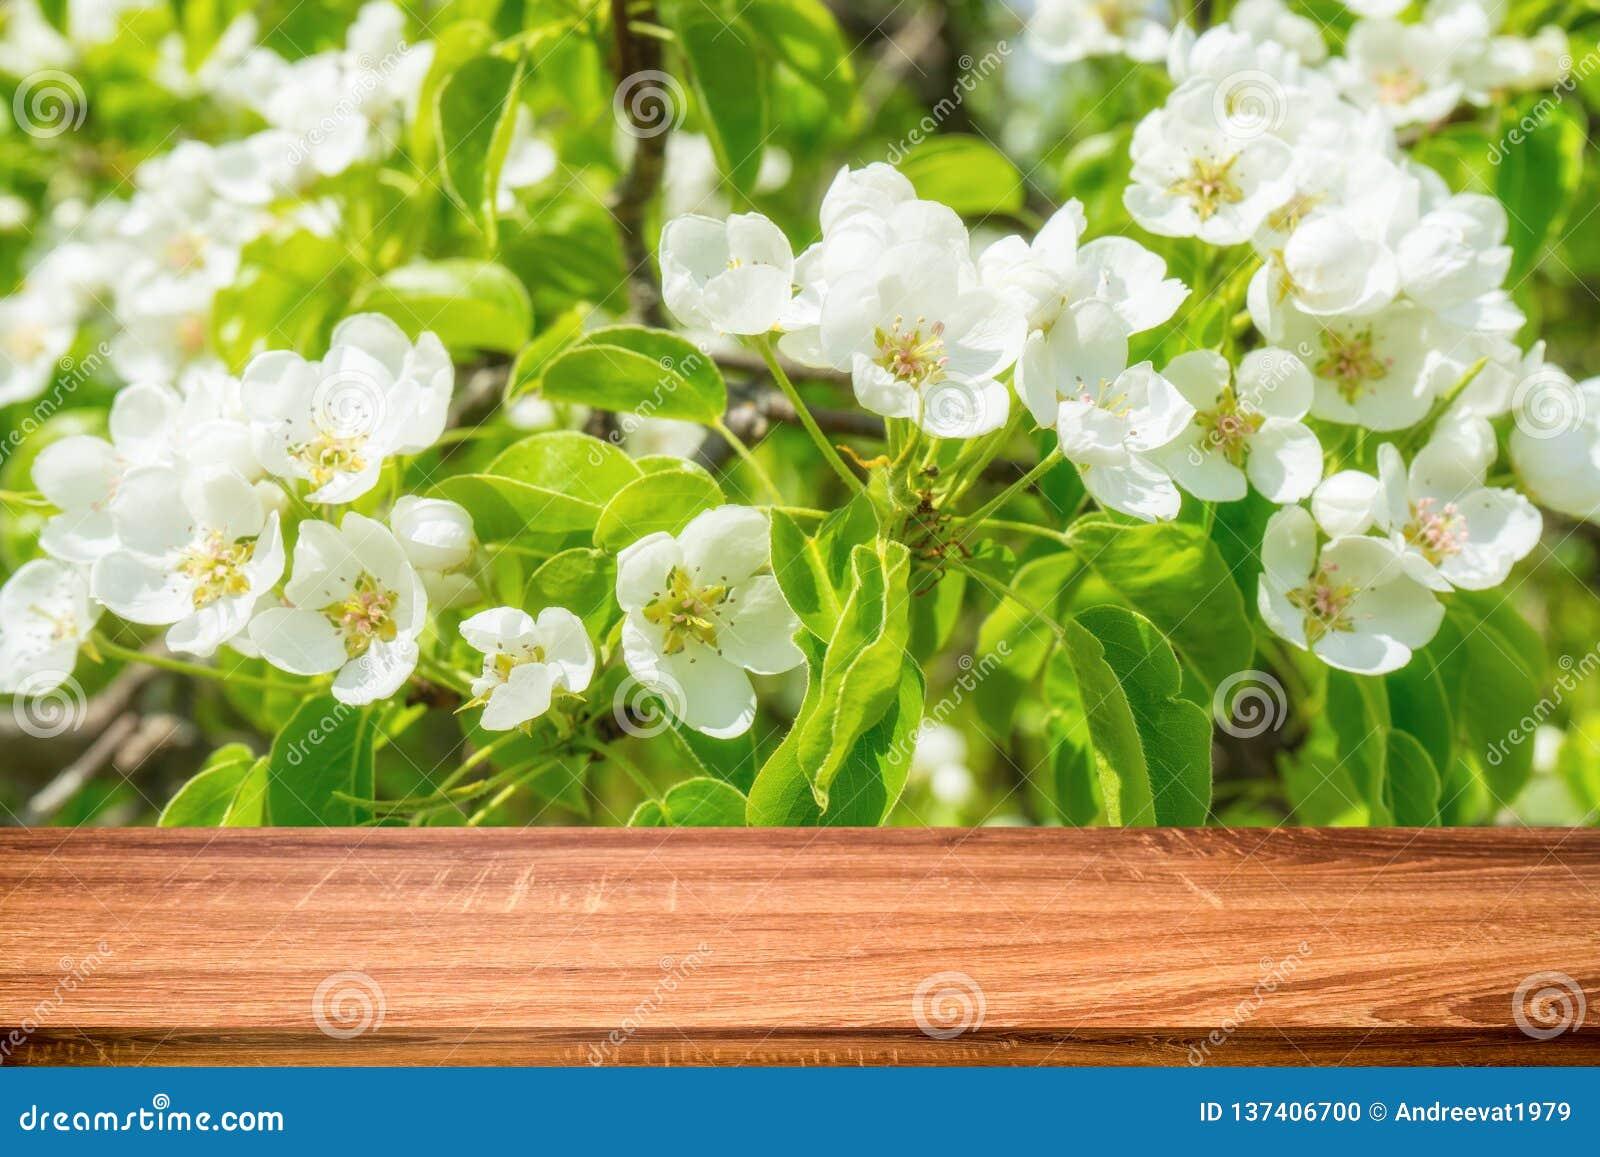 Tabela de madeira vazia com fundo da mola da árvore de maçã selvagem de florescência Pode ser usado para o produto da exposição o